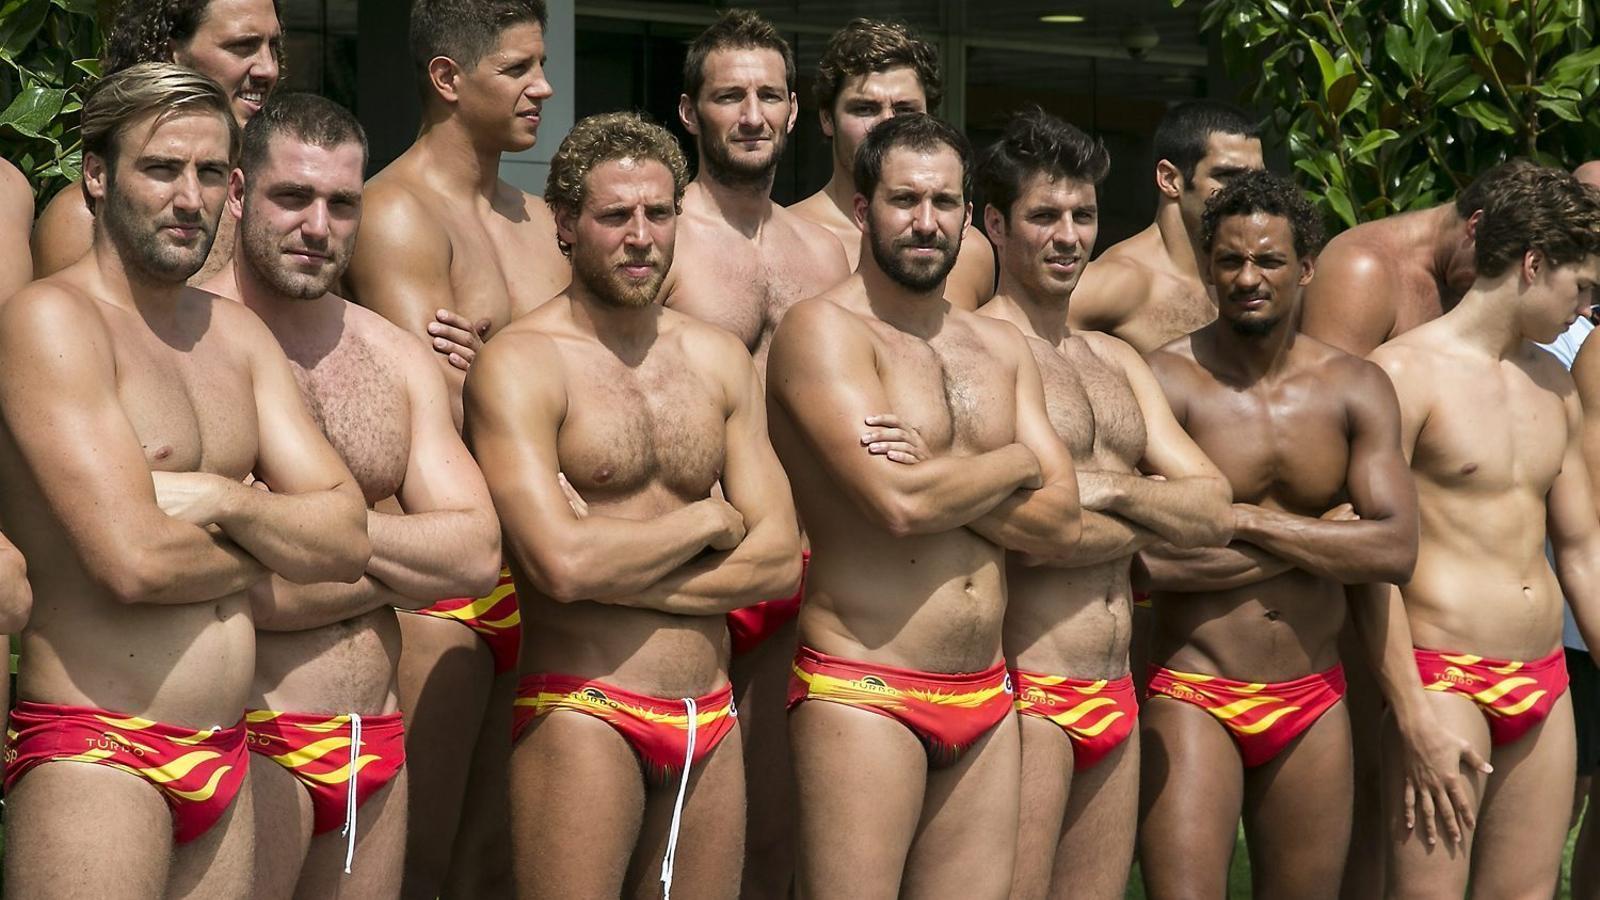 La selecció espanyola de waterpolo masculí combina jugadors veterans amb altres de joves i té la base en l'Atlètic Barceloneta.